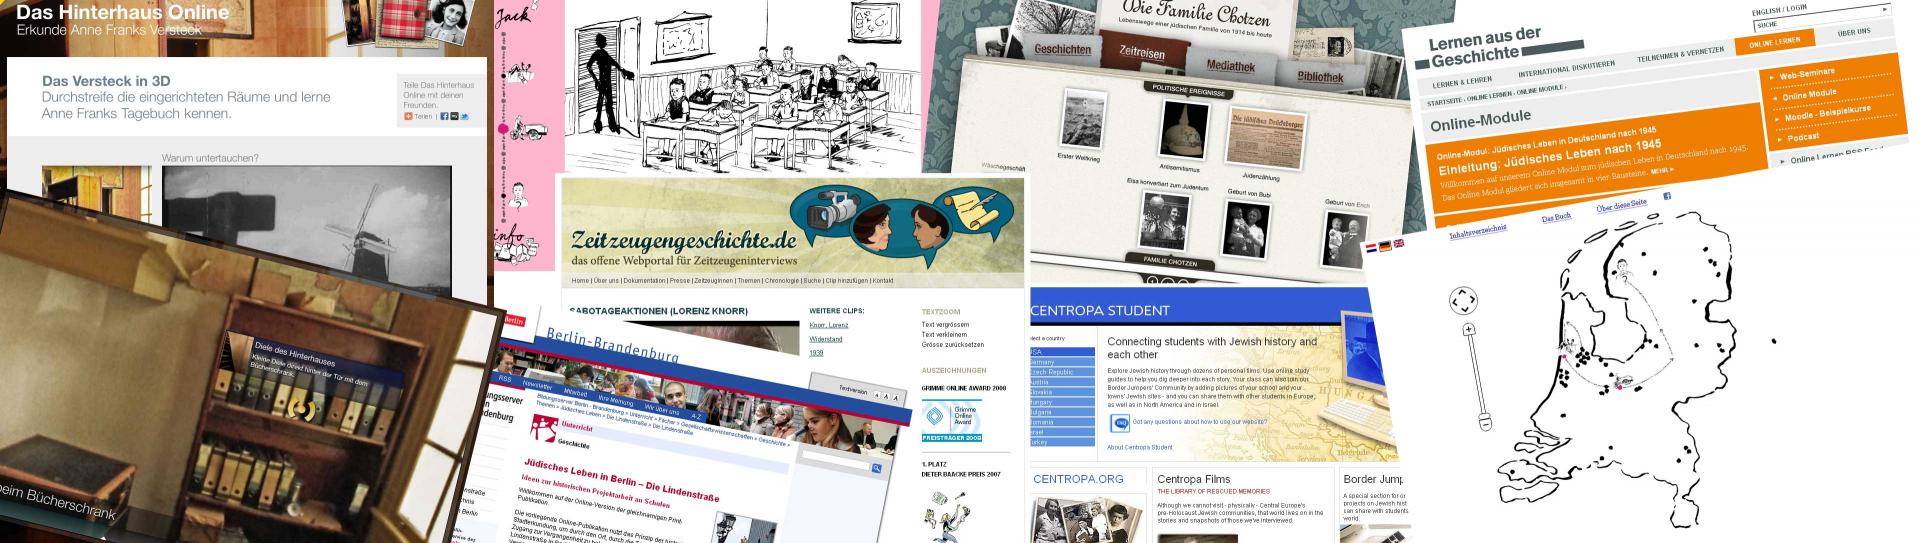 Collage aus Screenshots